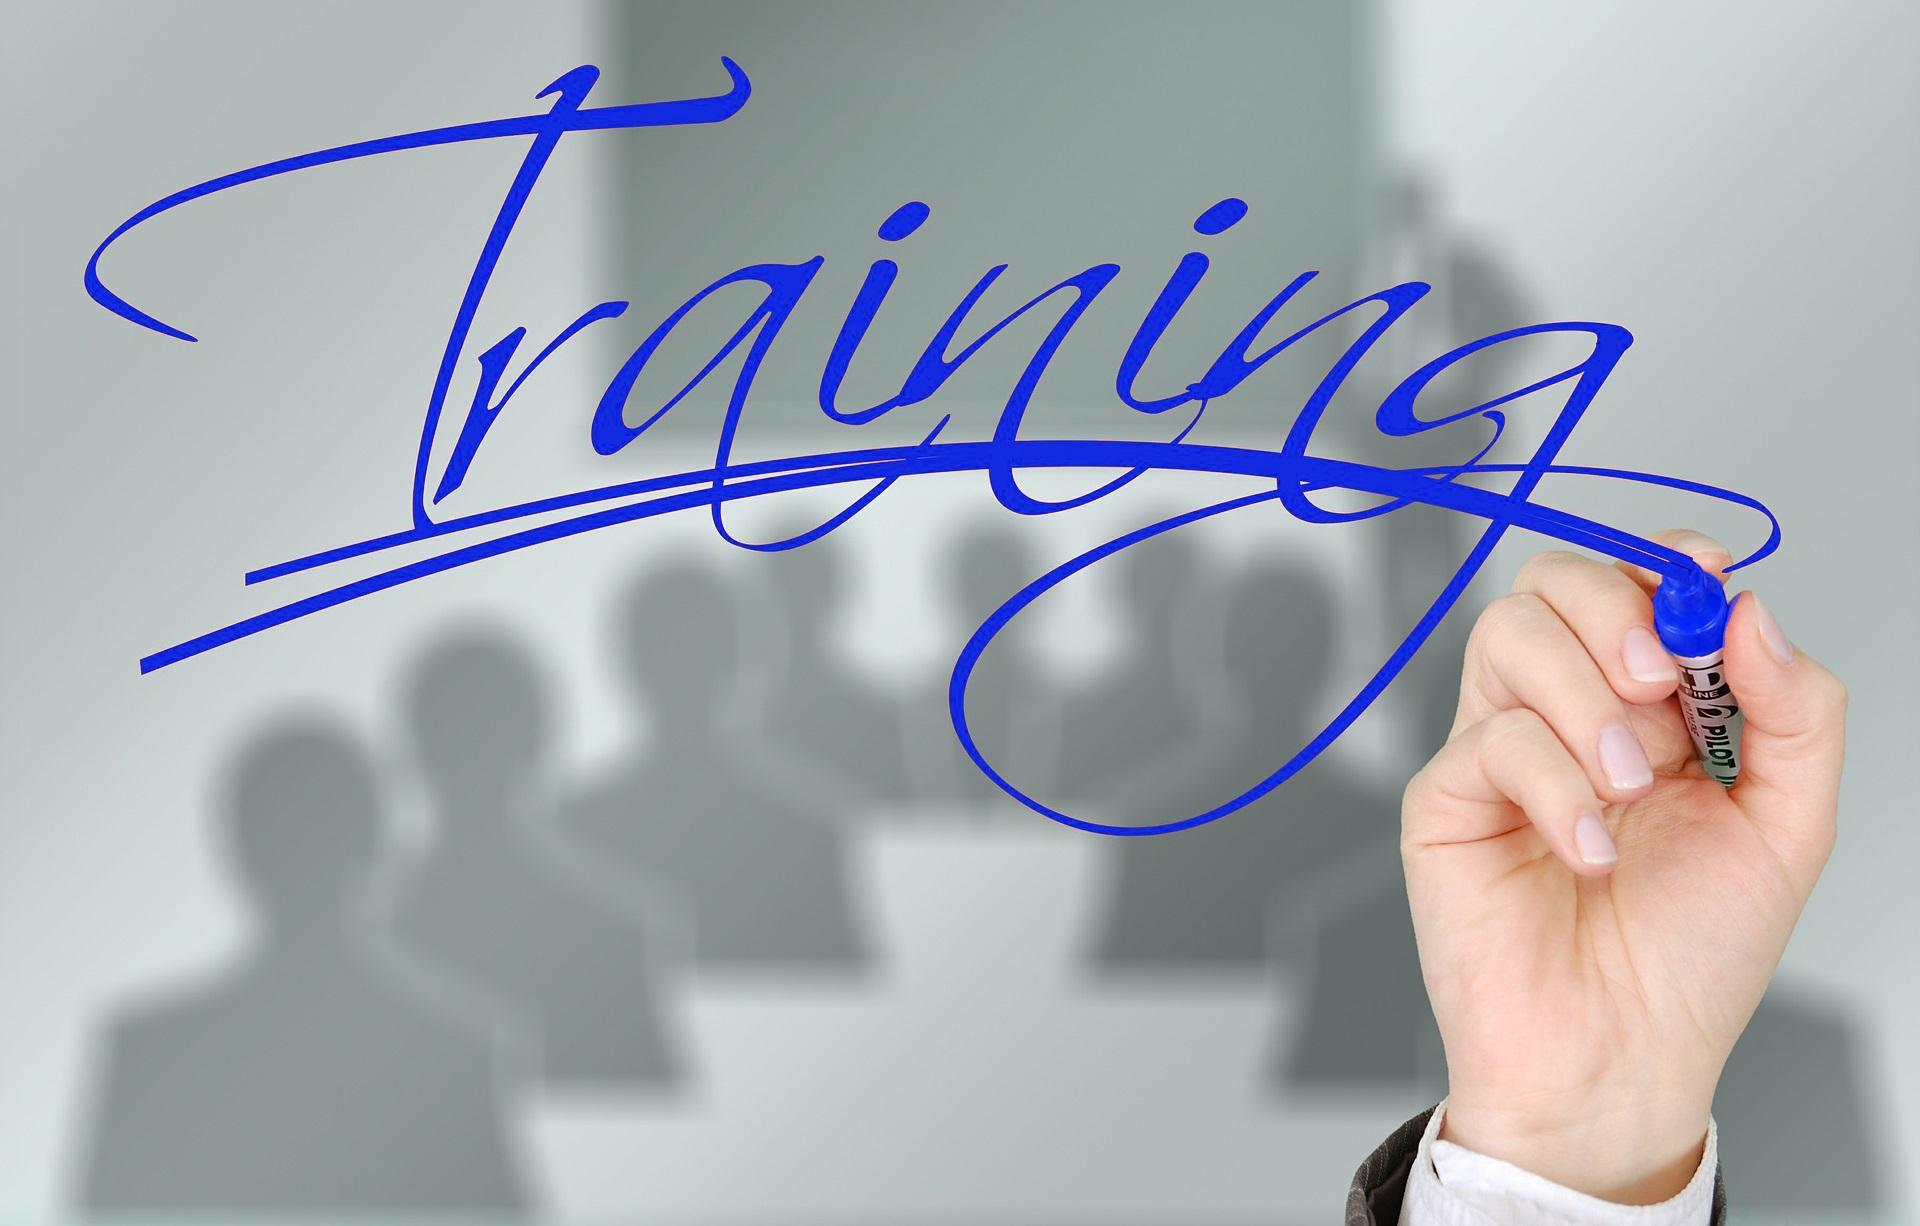 Kaltakquise Seminare Seminar Schulung Training Unternehmen Verkauf Verkaufsquoten Verkaufs-Weiterbildung Ulrike Knauer München Verkaufsexpertin Verkauf Workshop Trainer